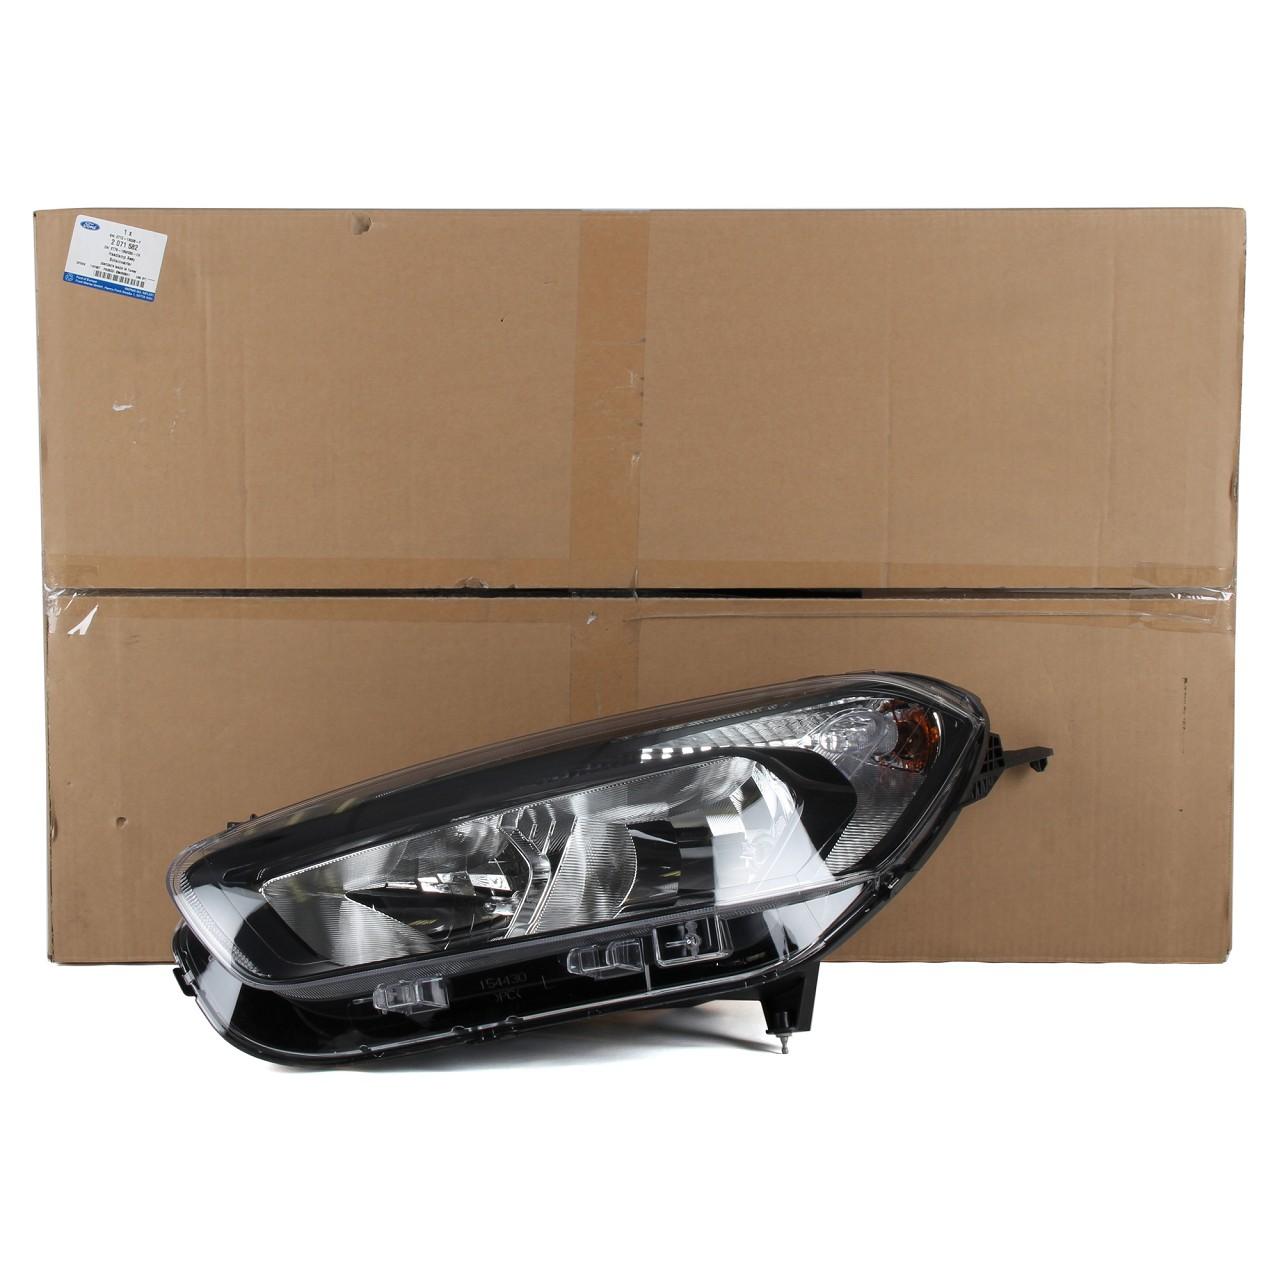 ORIGINAL Ford Scheinwerfer HALOGEN für TOURNEO / TRANSIT COURIER links 2269026